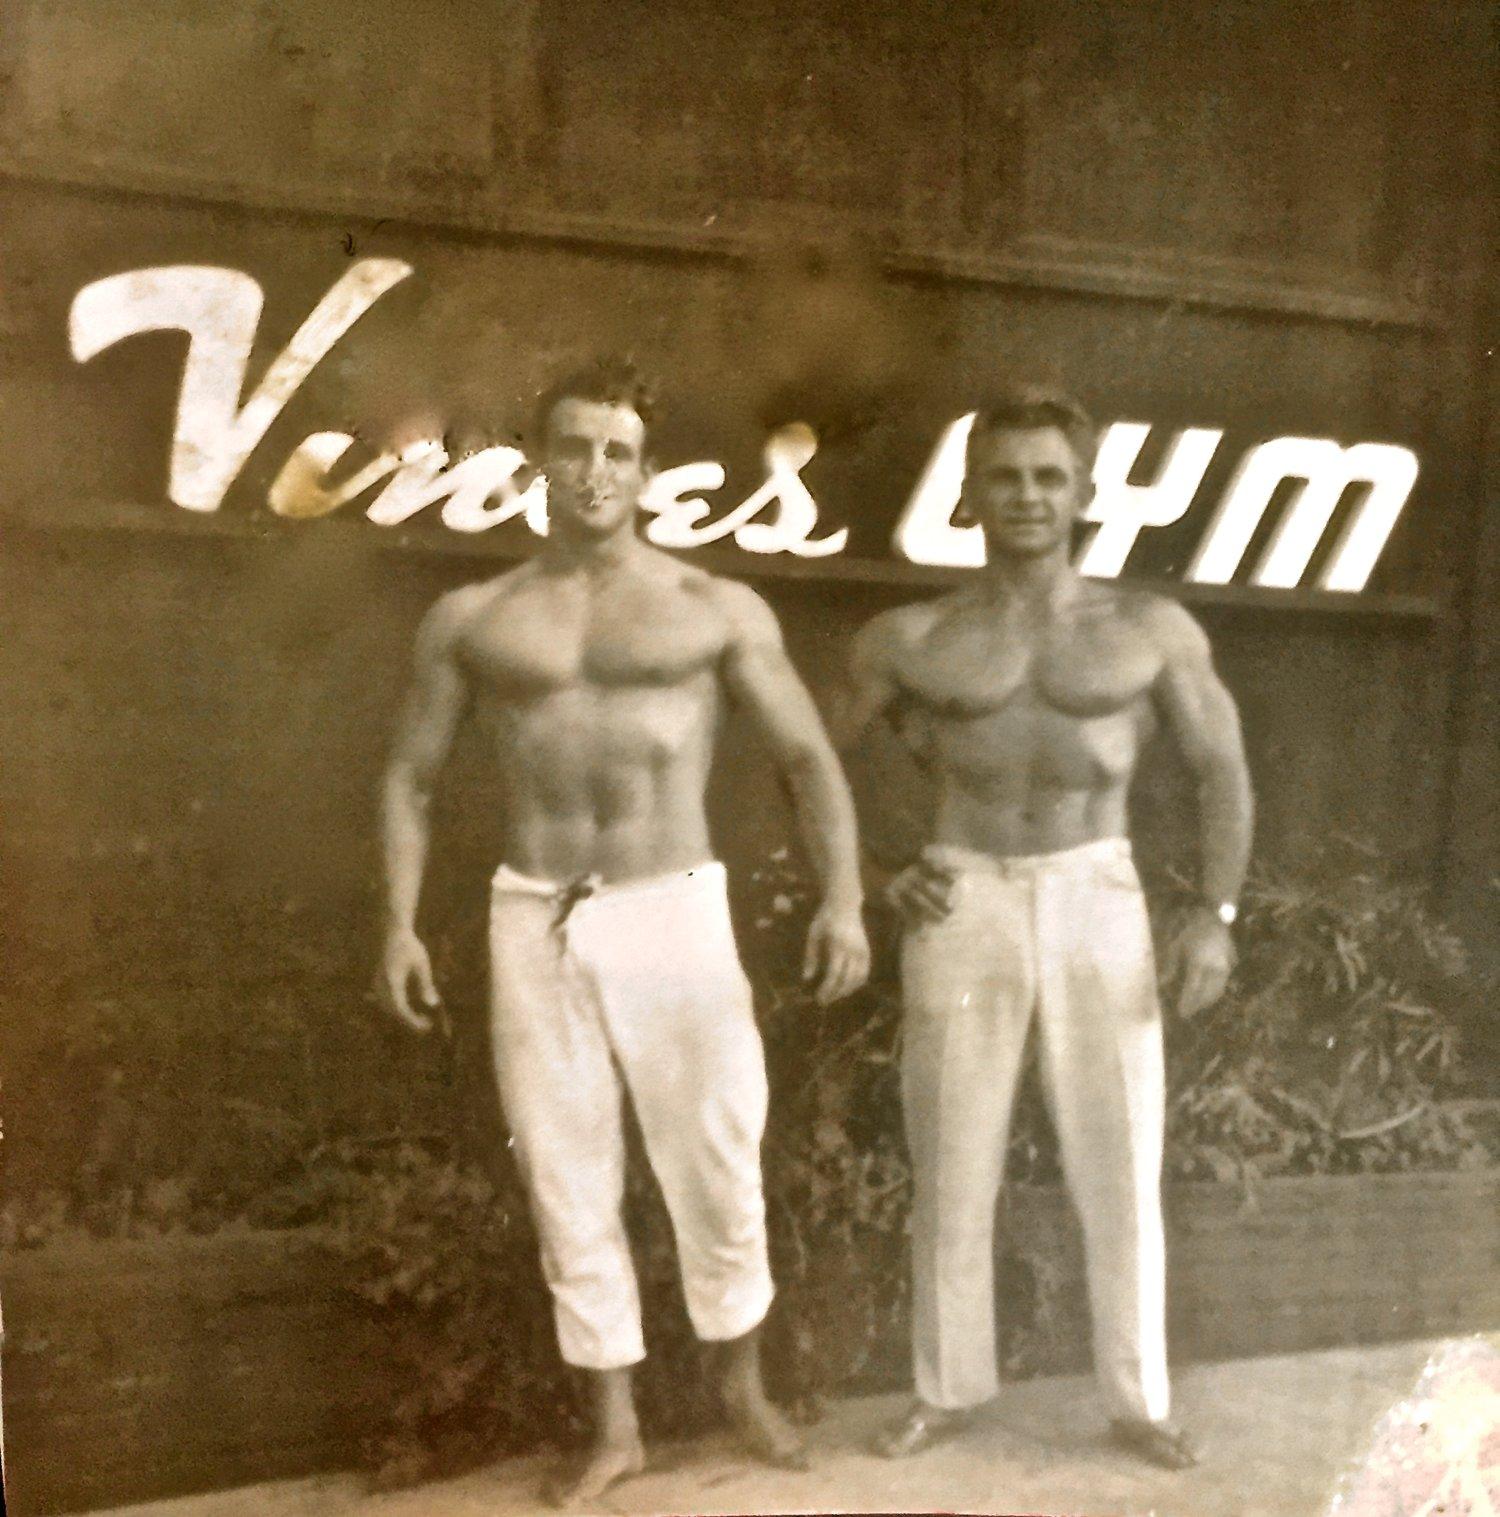 1962, STUDIO CITY, LOS ANGELES